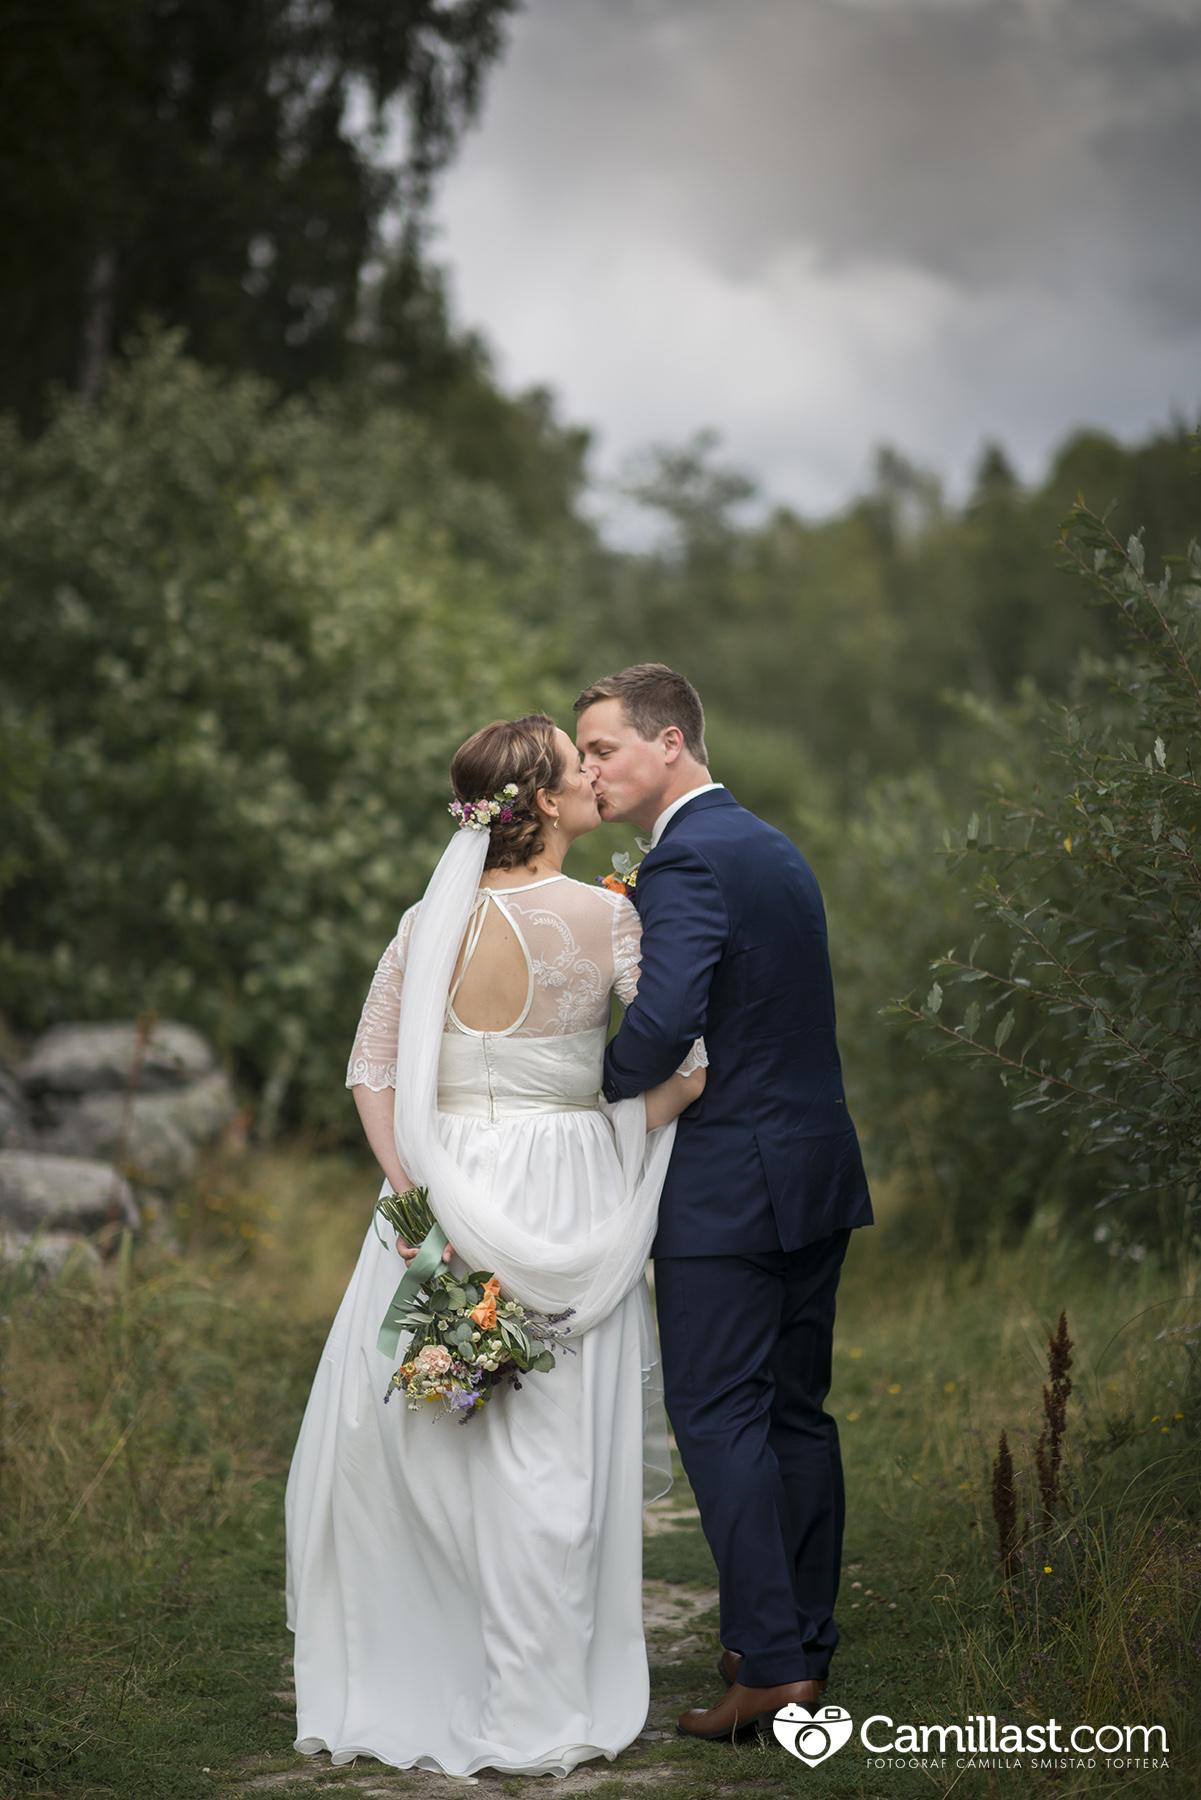 Fotograf_CamillaST_Bryllup 2017_Andrea_Magnus_201 copy.jpg